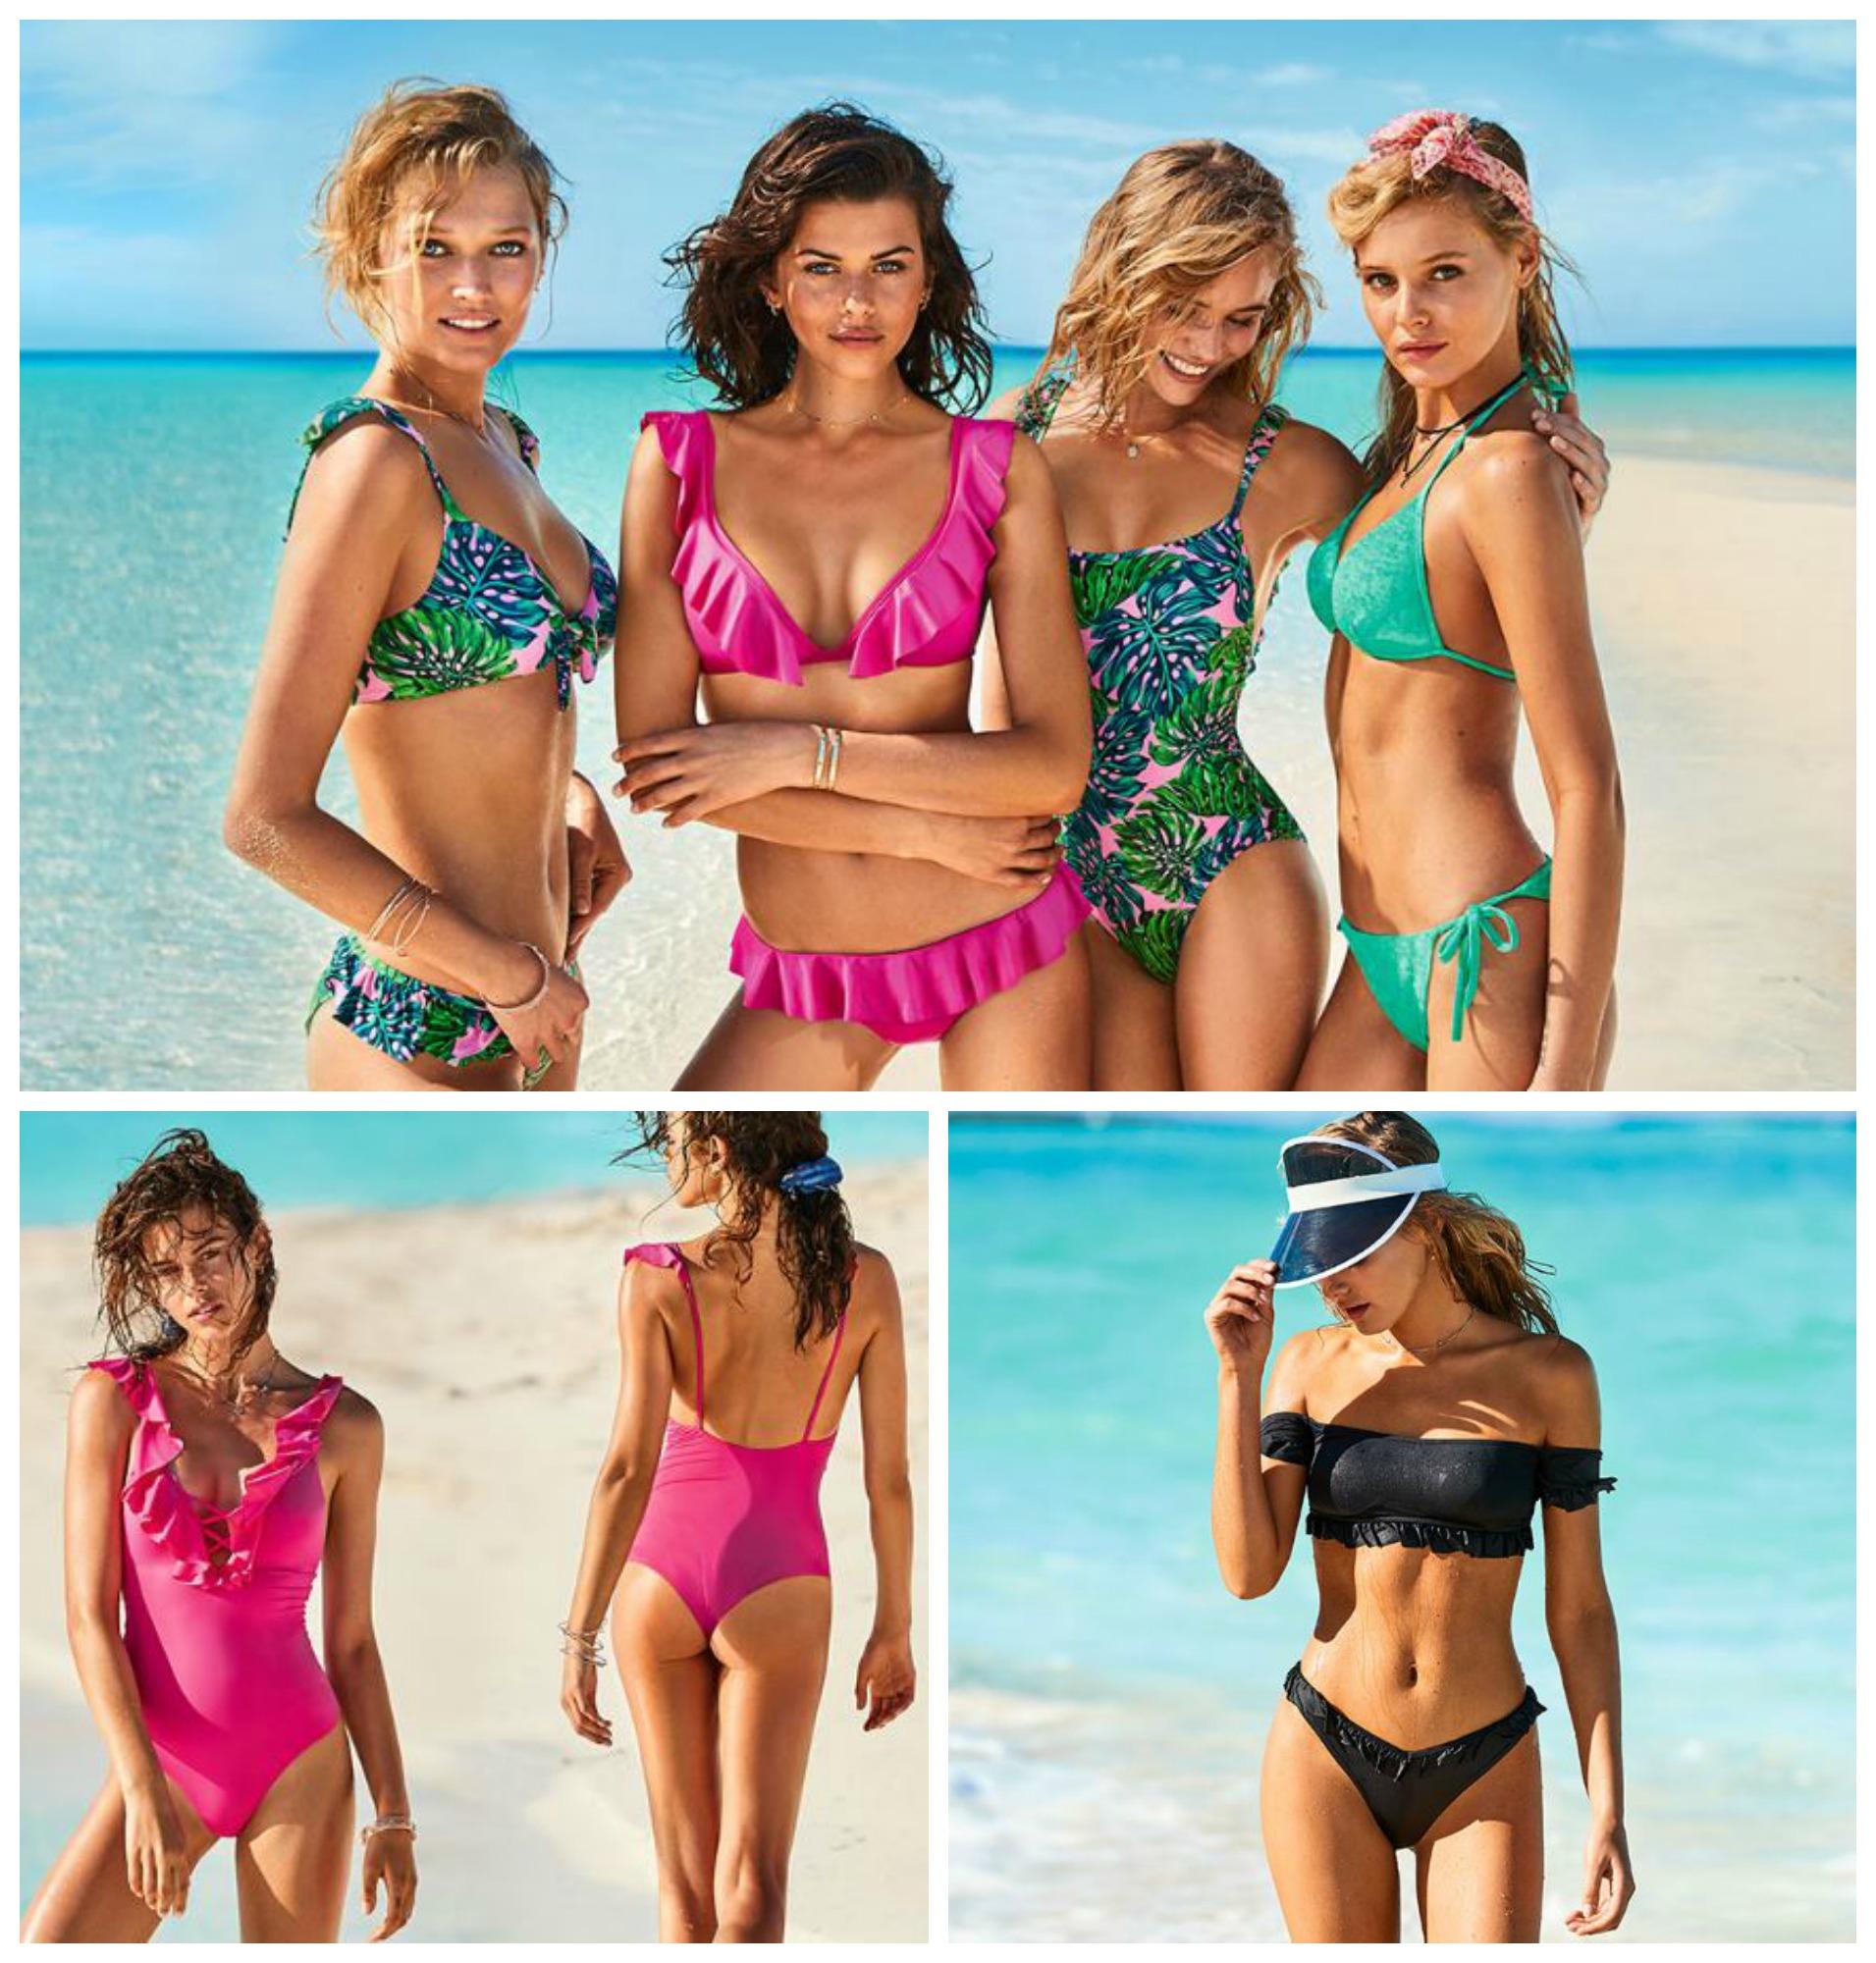 rivenditore all'ingrosso c350b c5c07 Costumi Calzedonia 2018 Catalogo Bikini e Costumi interi